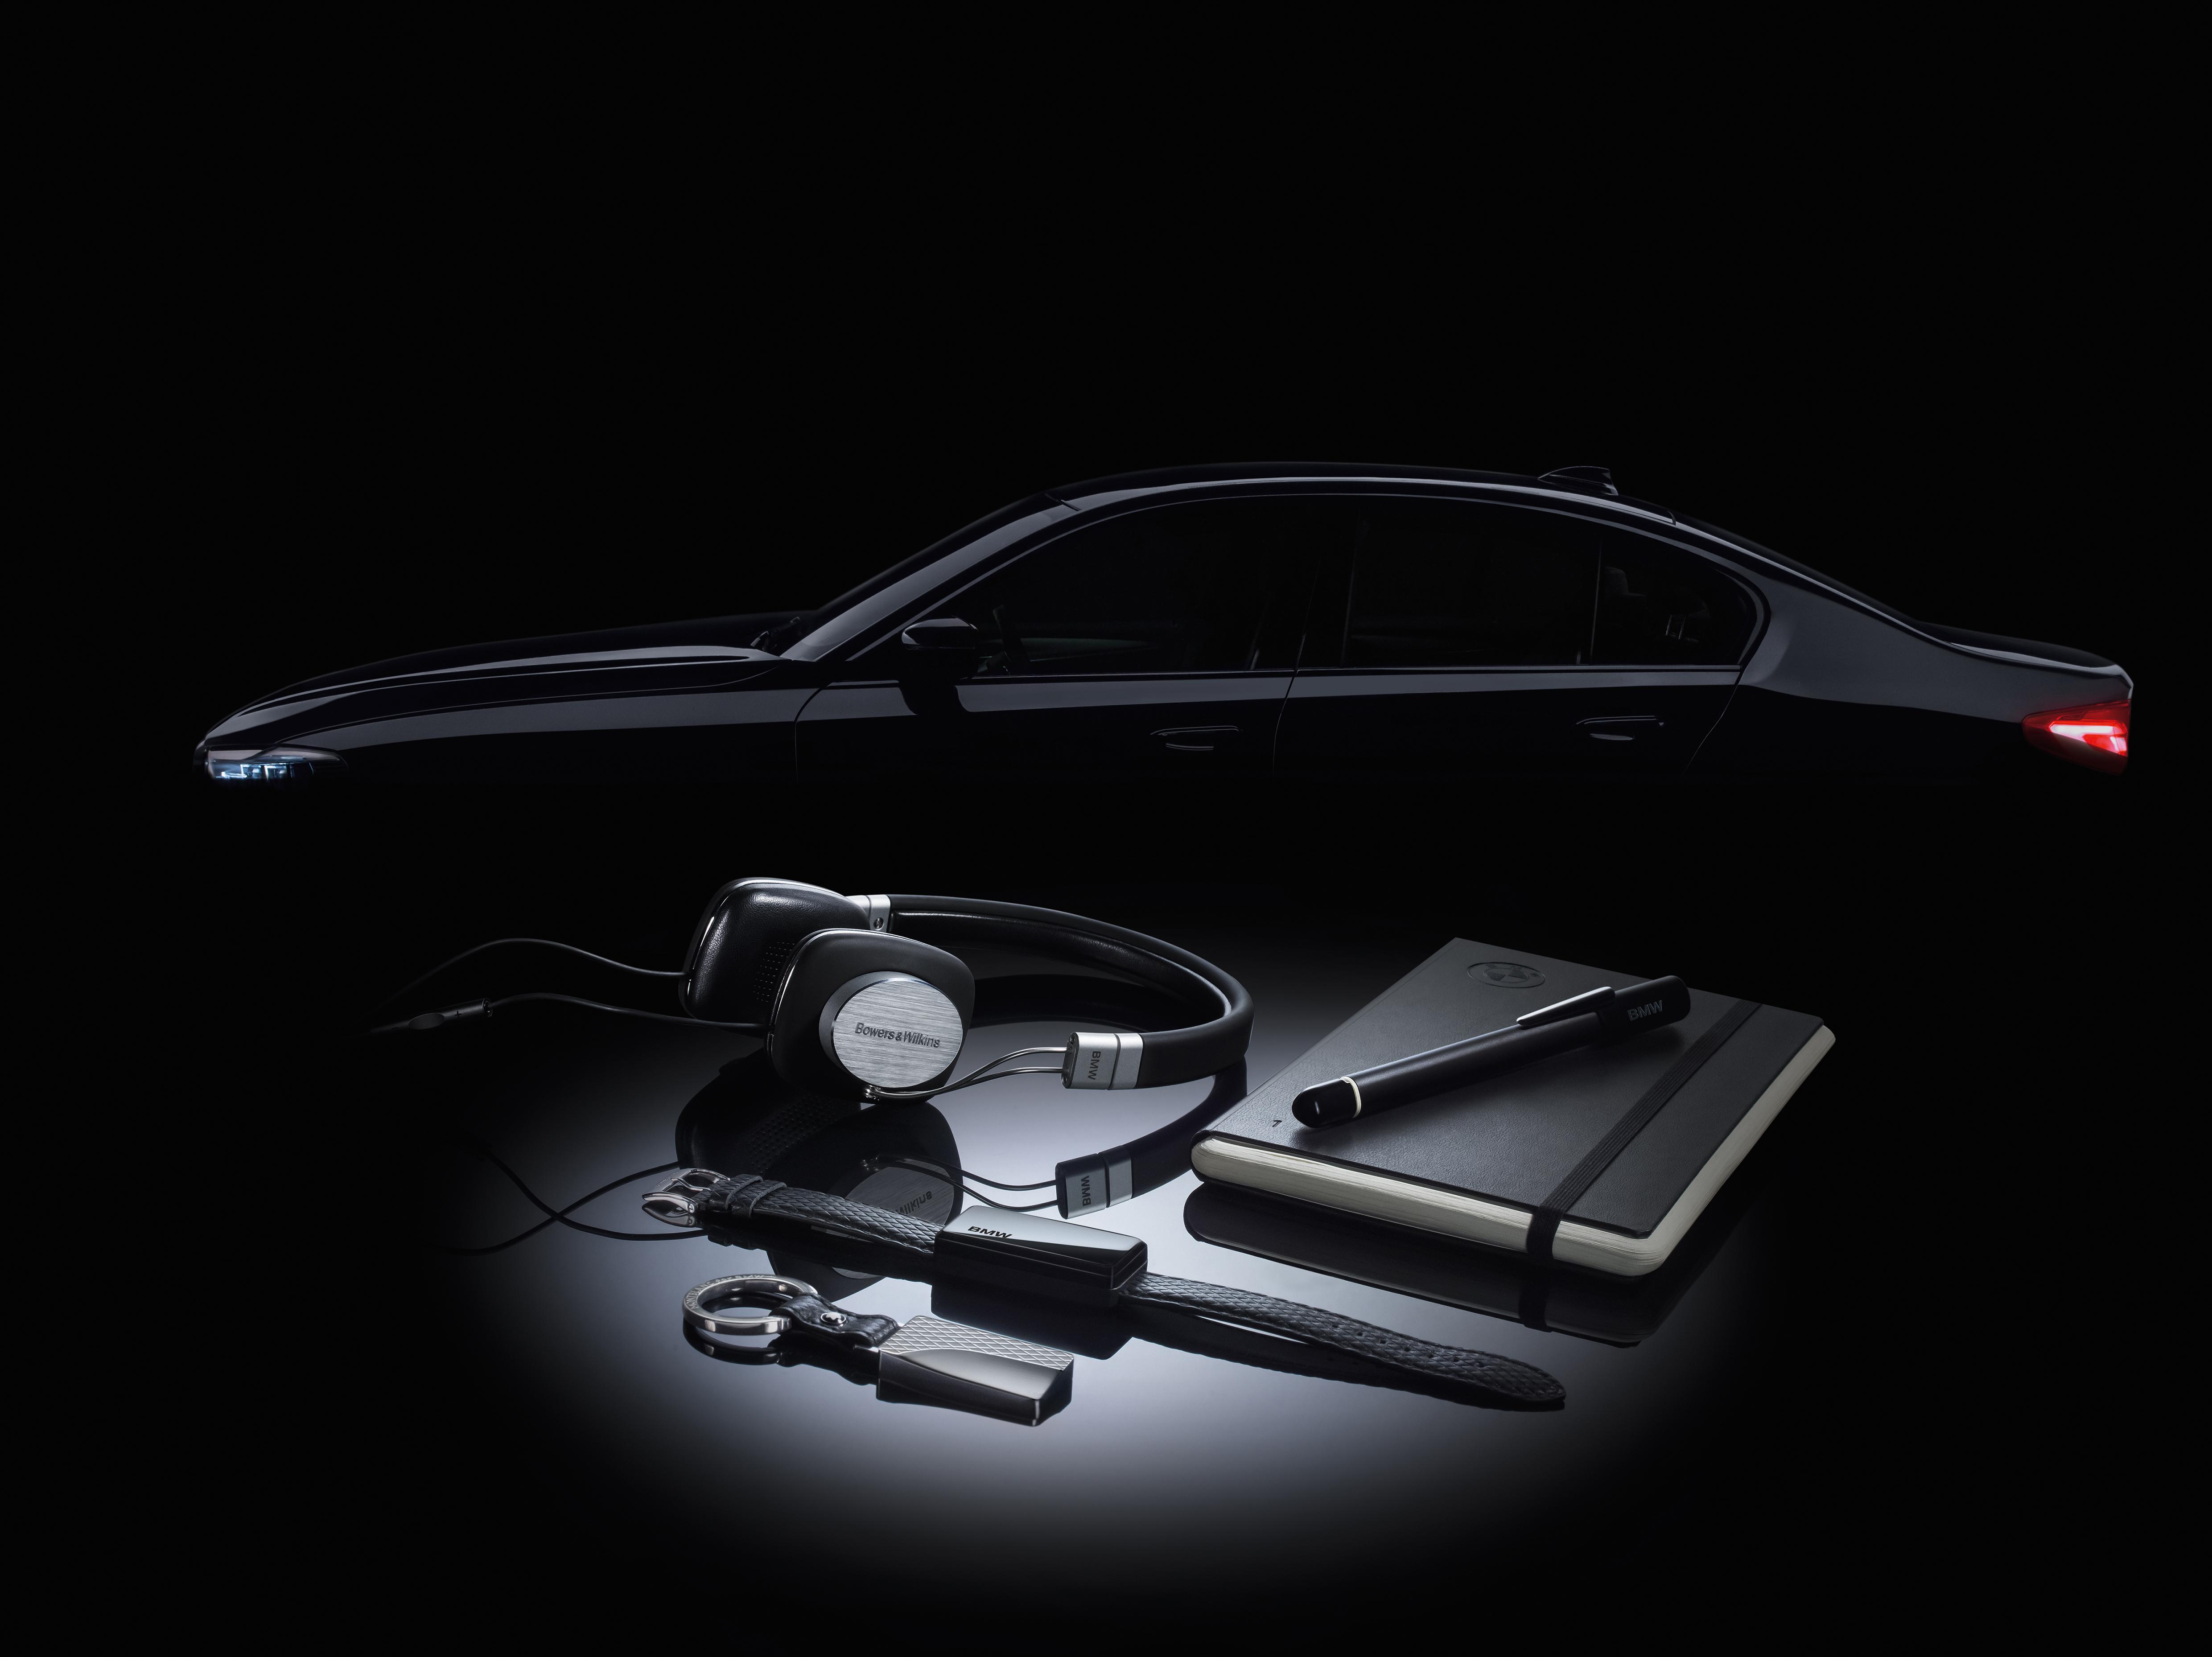 uber les objets insolites oubli s dans les voitures. Black Bedroom Furniture Sets. Home Design Ideas